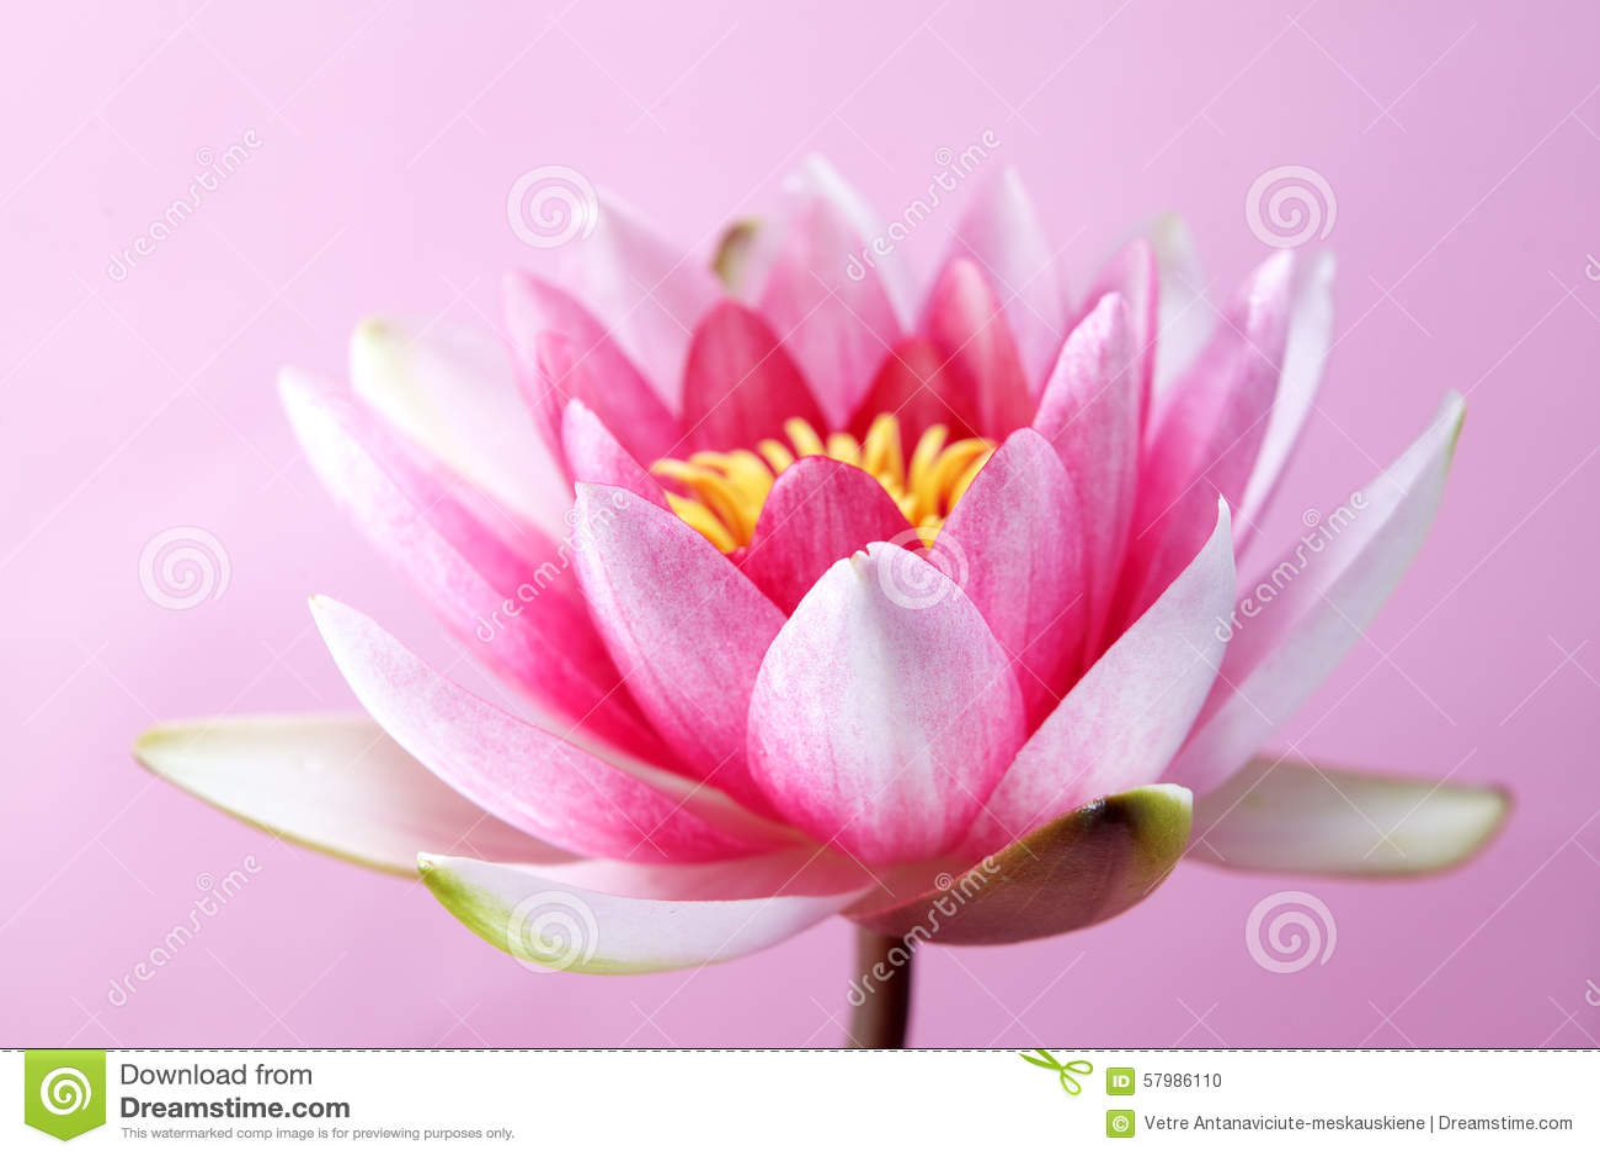 Wodna leluja, lotos na menchiach